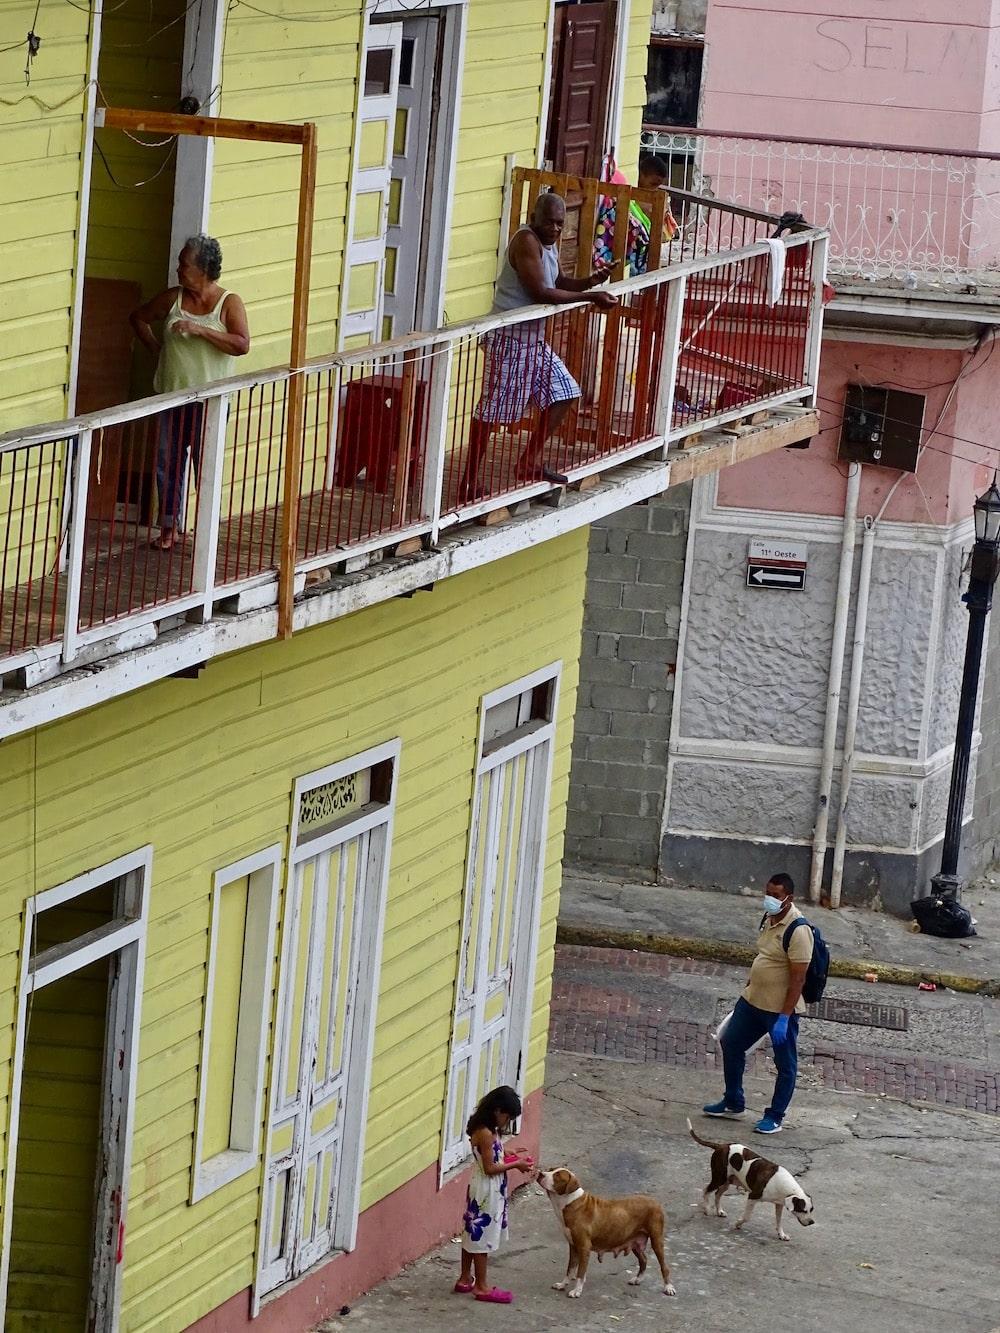 Fortaleza house in casco viejo panama